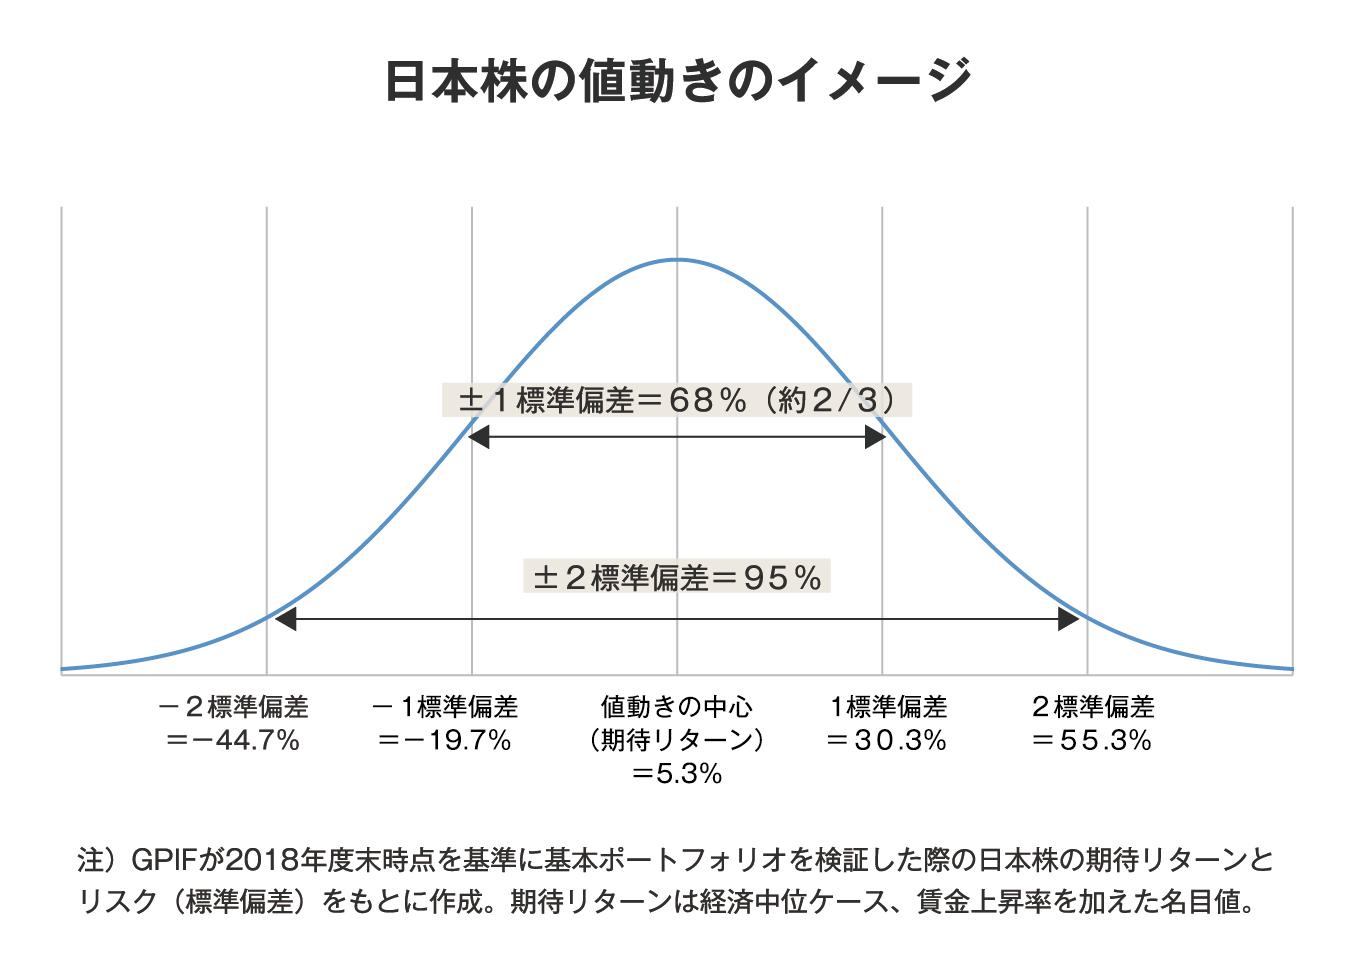 日本株の値動きのイメージ